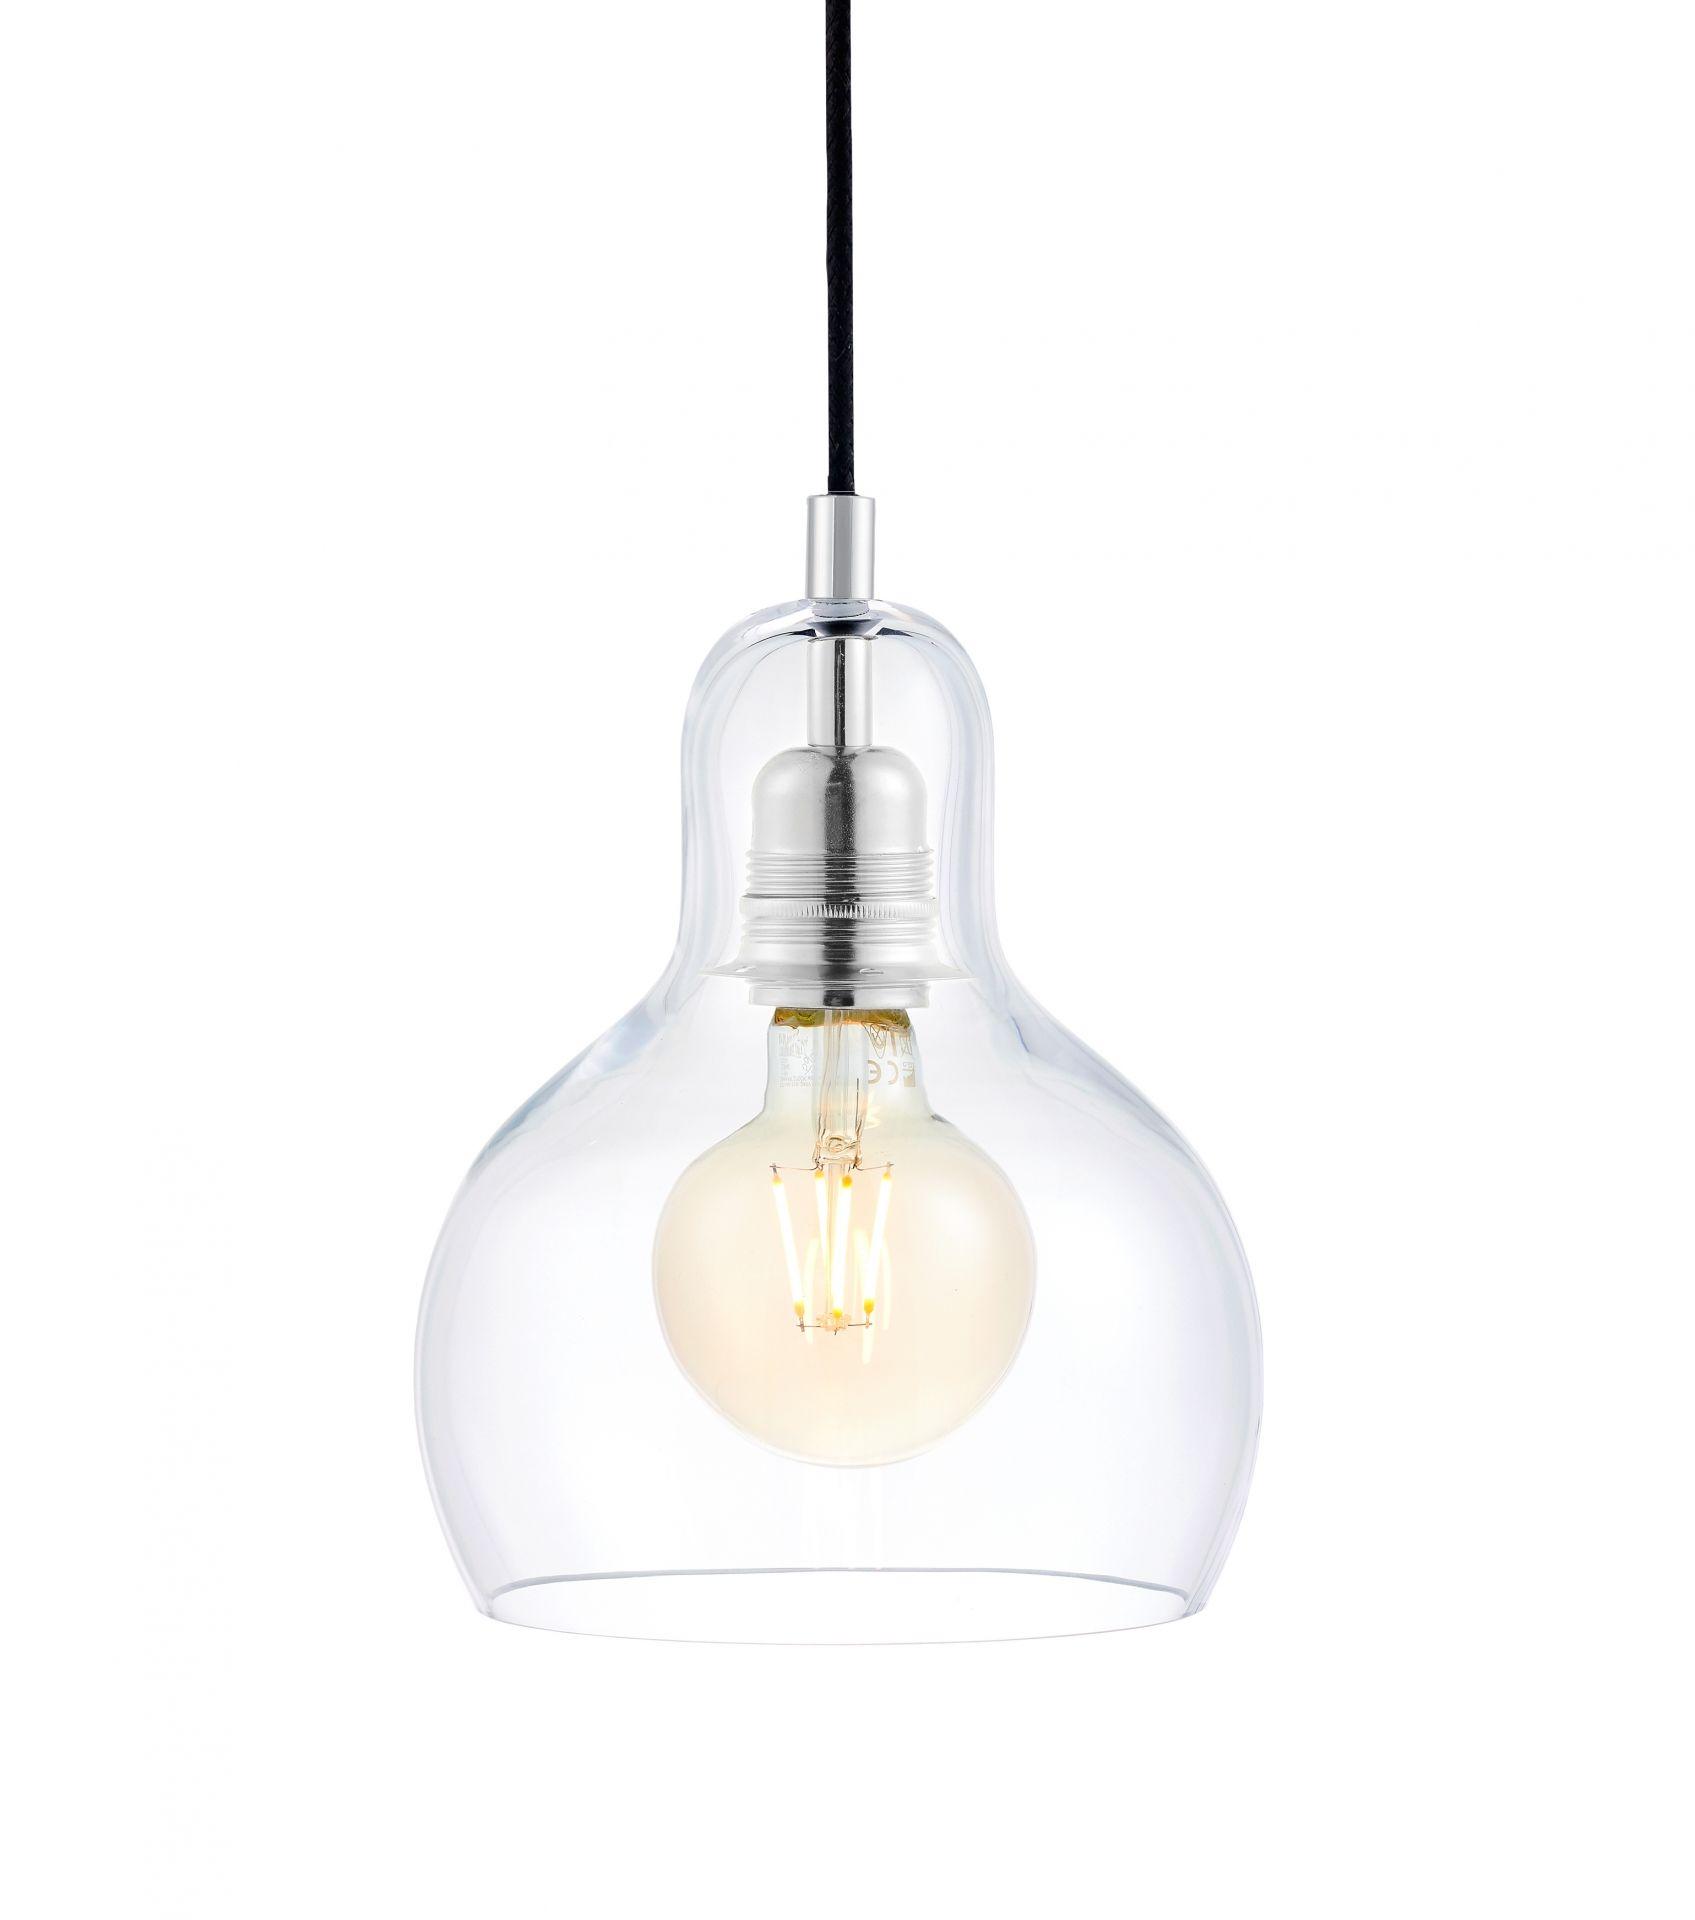 Lampa wisząca Longis I 10121109 oprawa przezroczysta / przewód czarny Kaspa